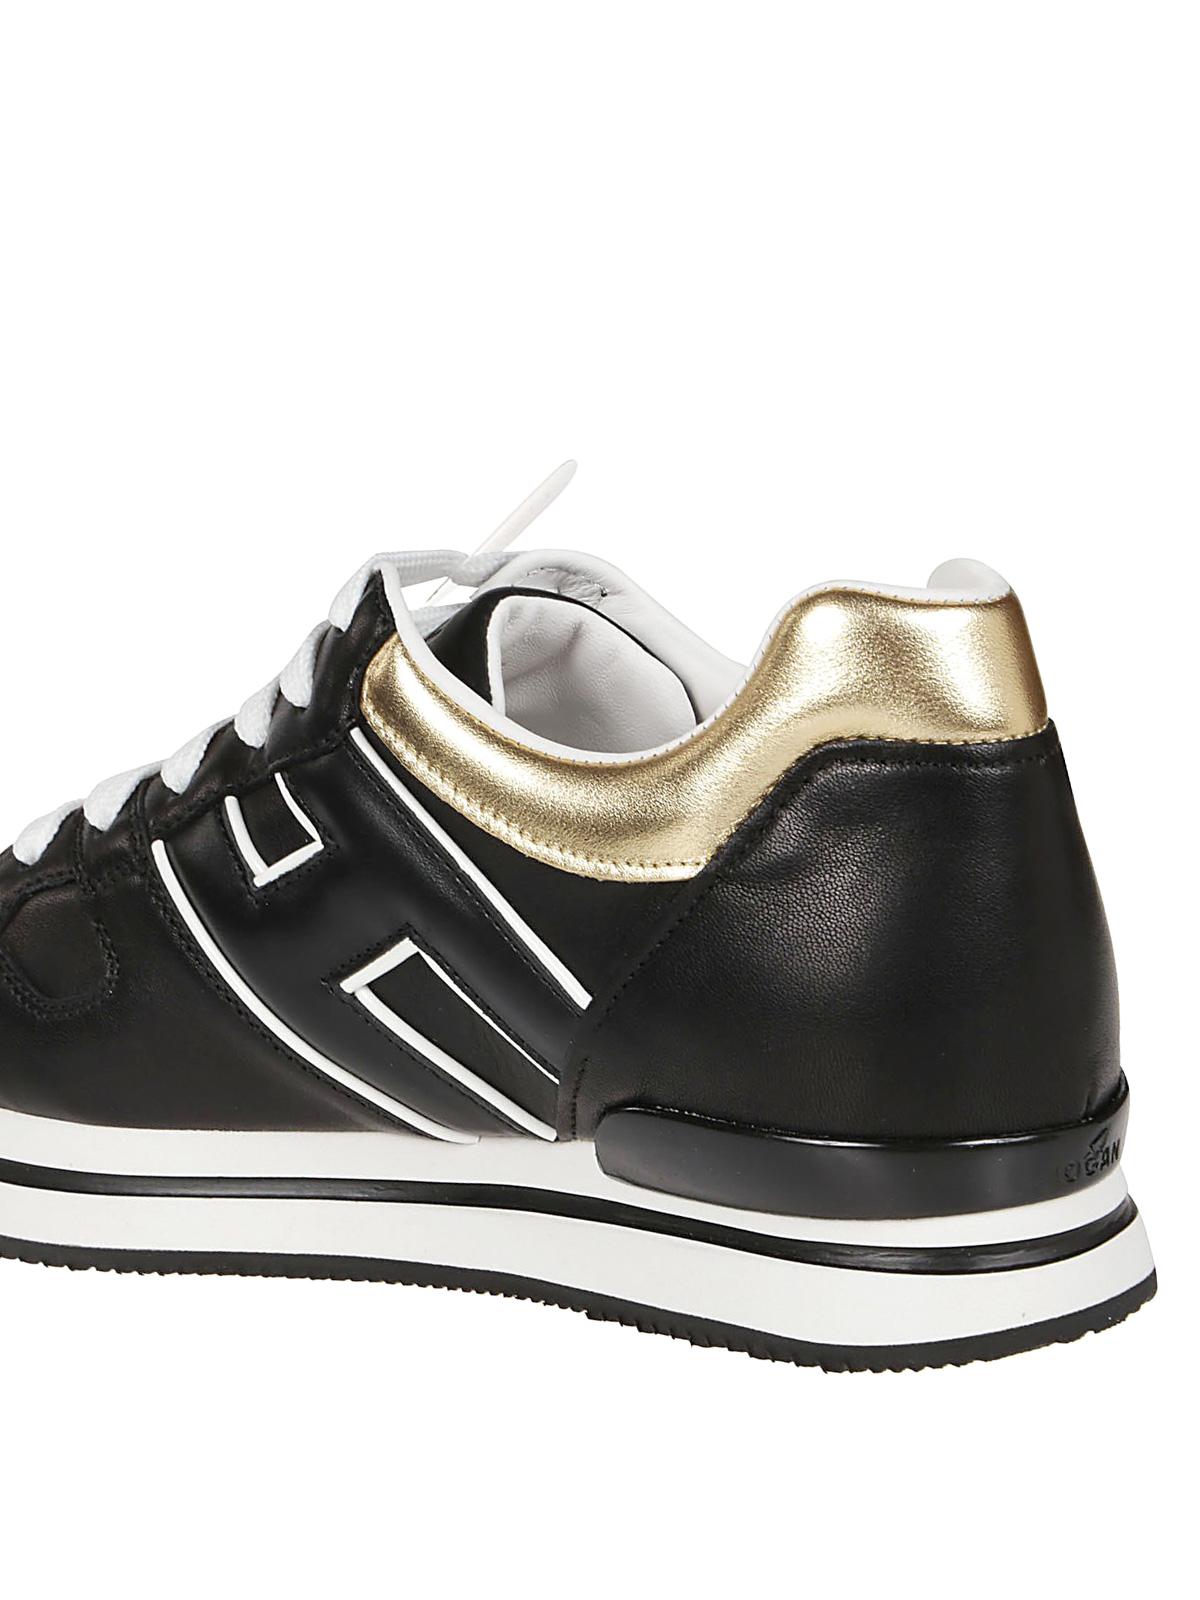 Sneakers Hogan - Sneaker H222 nere e oro in pelle - HXW2220CD90LVC2929